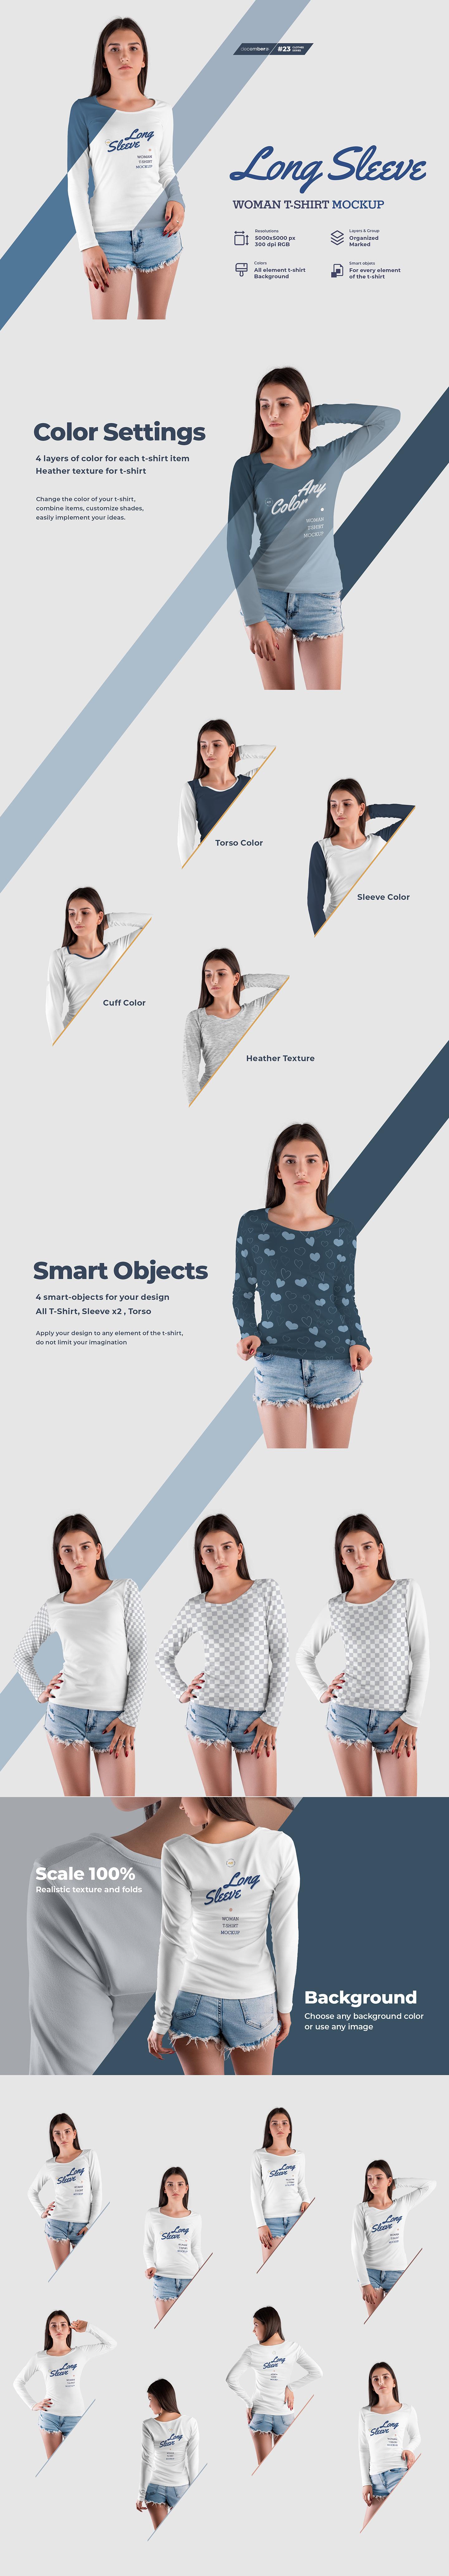 8款长袖女士T恤印花设计PS智能贴图样机 8 Long Sleeve Woman T-Shirt Mockup插图